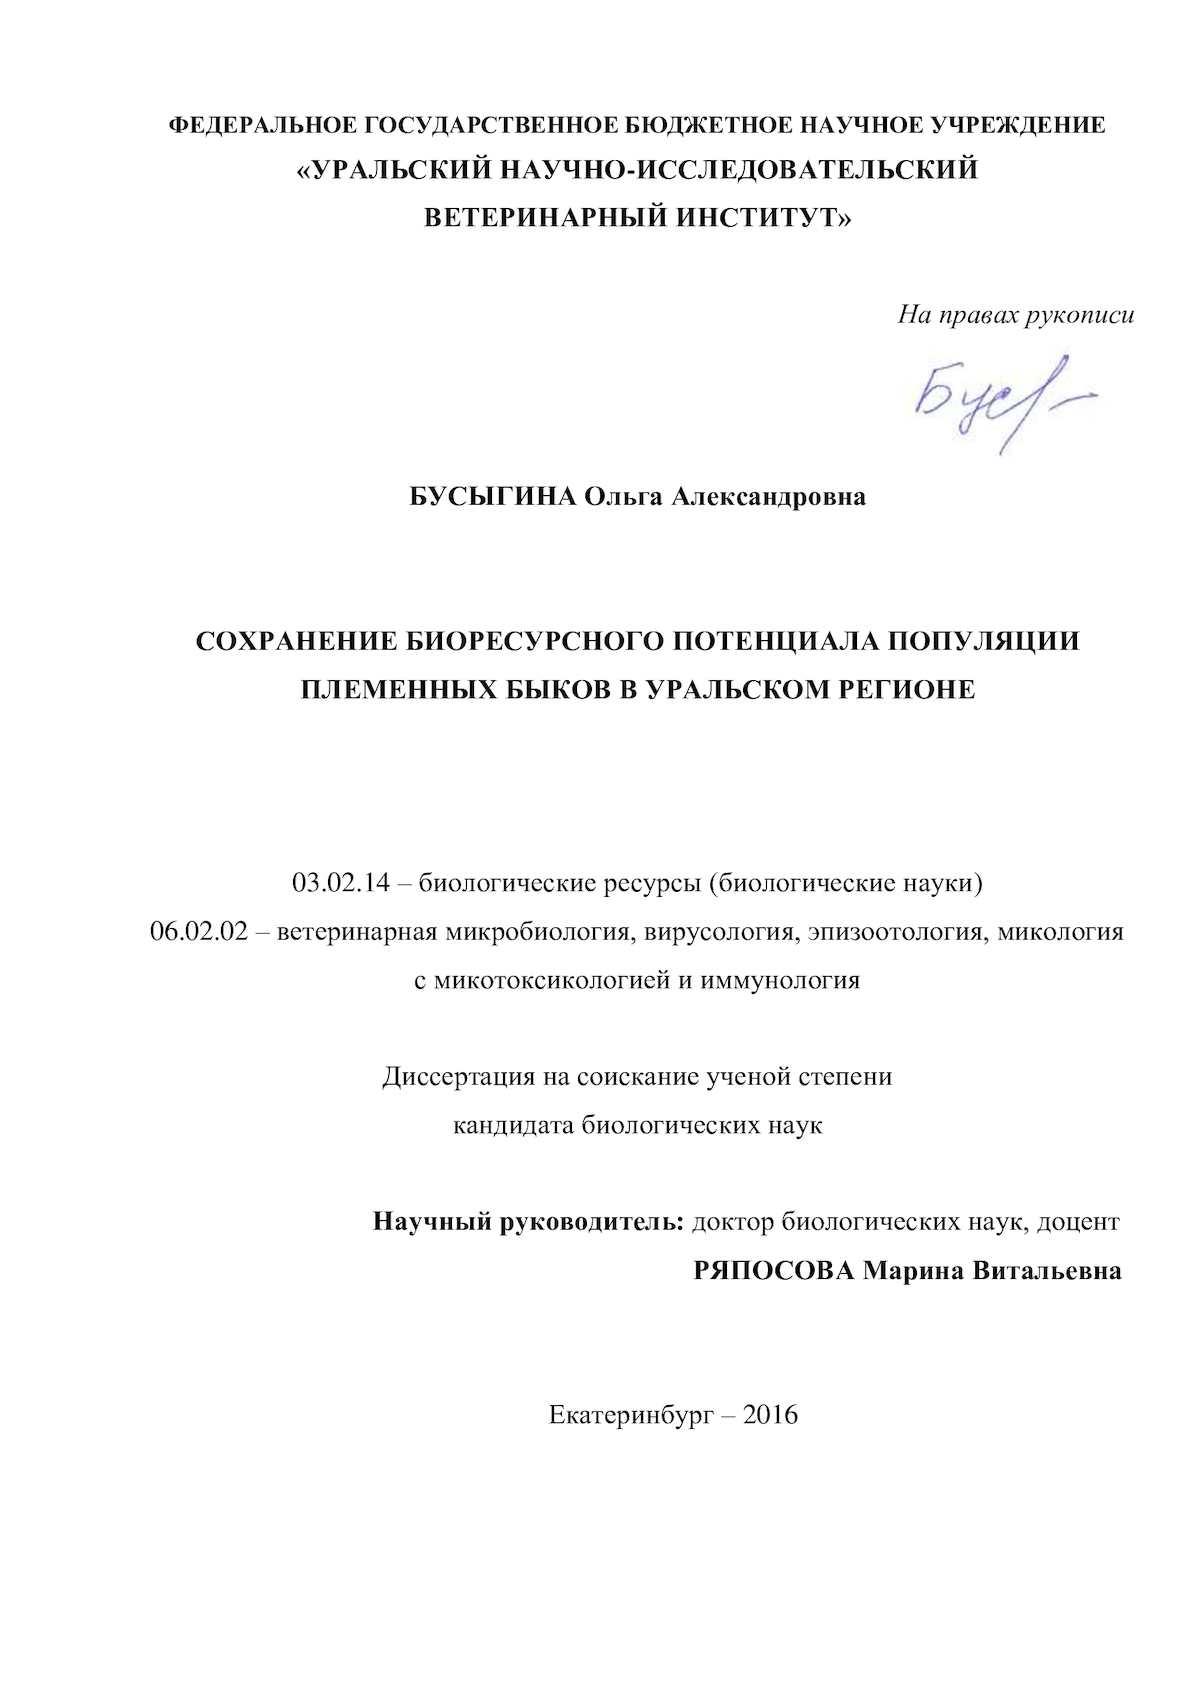 инструкция по бонитировке лошадей пород казахстана